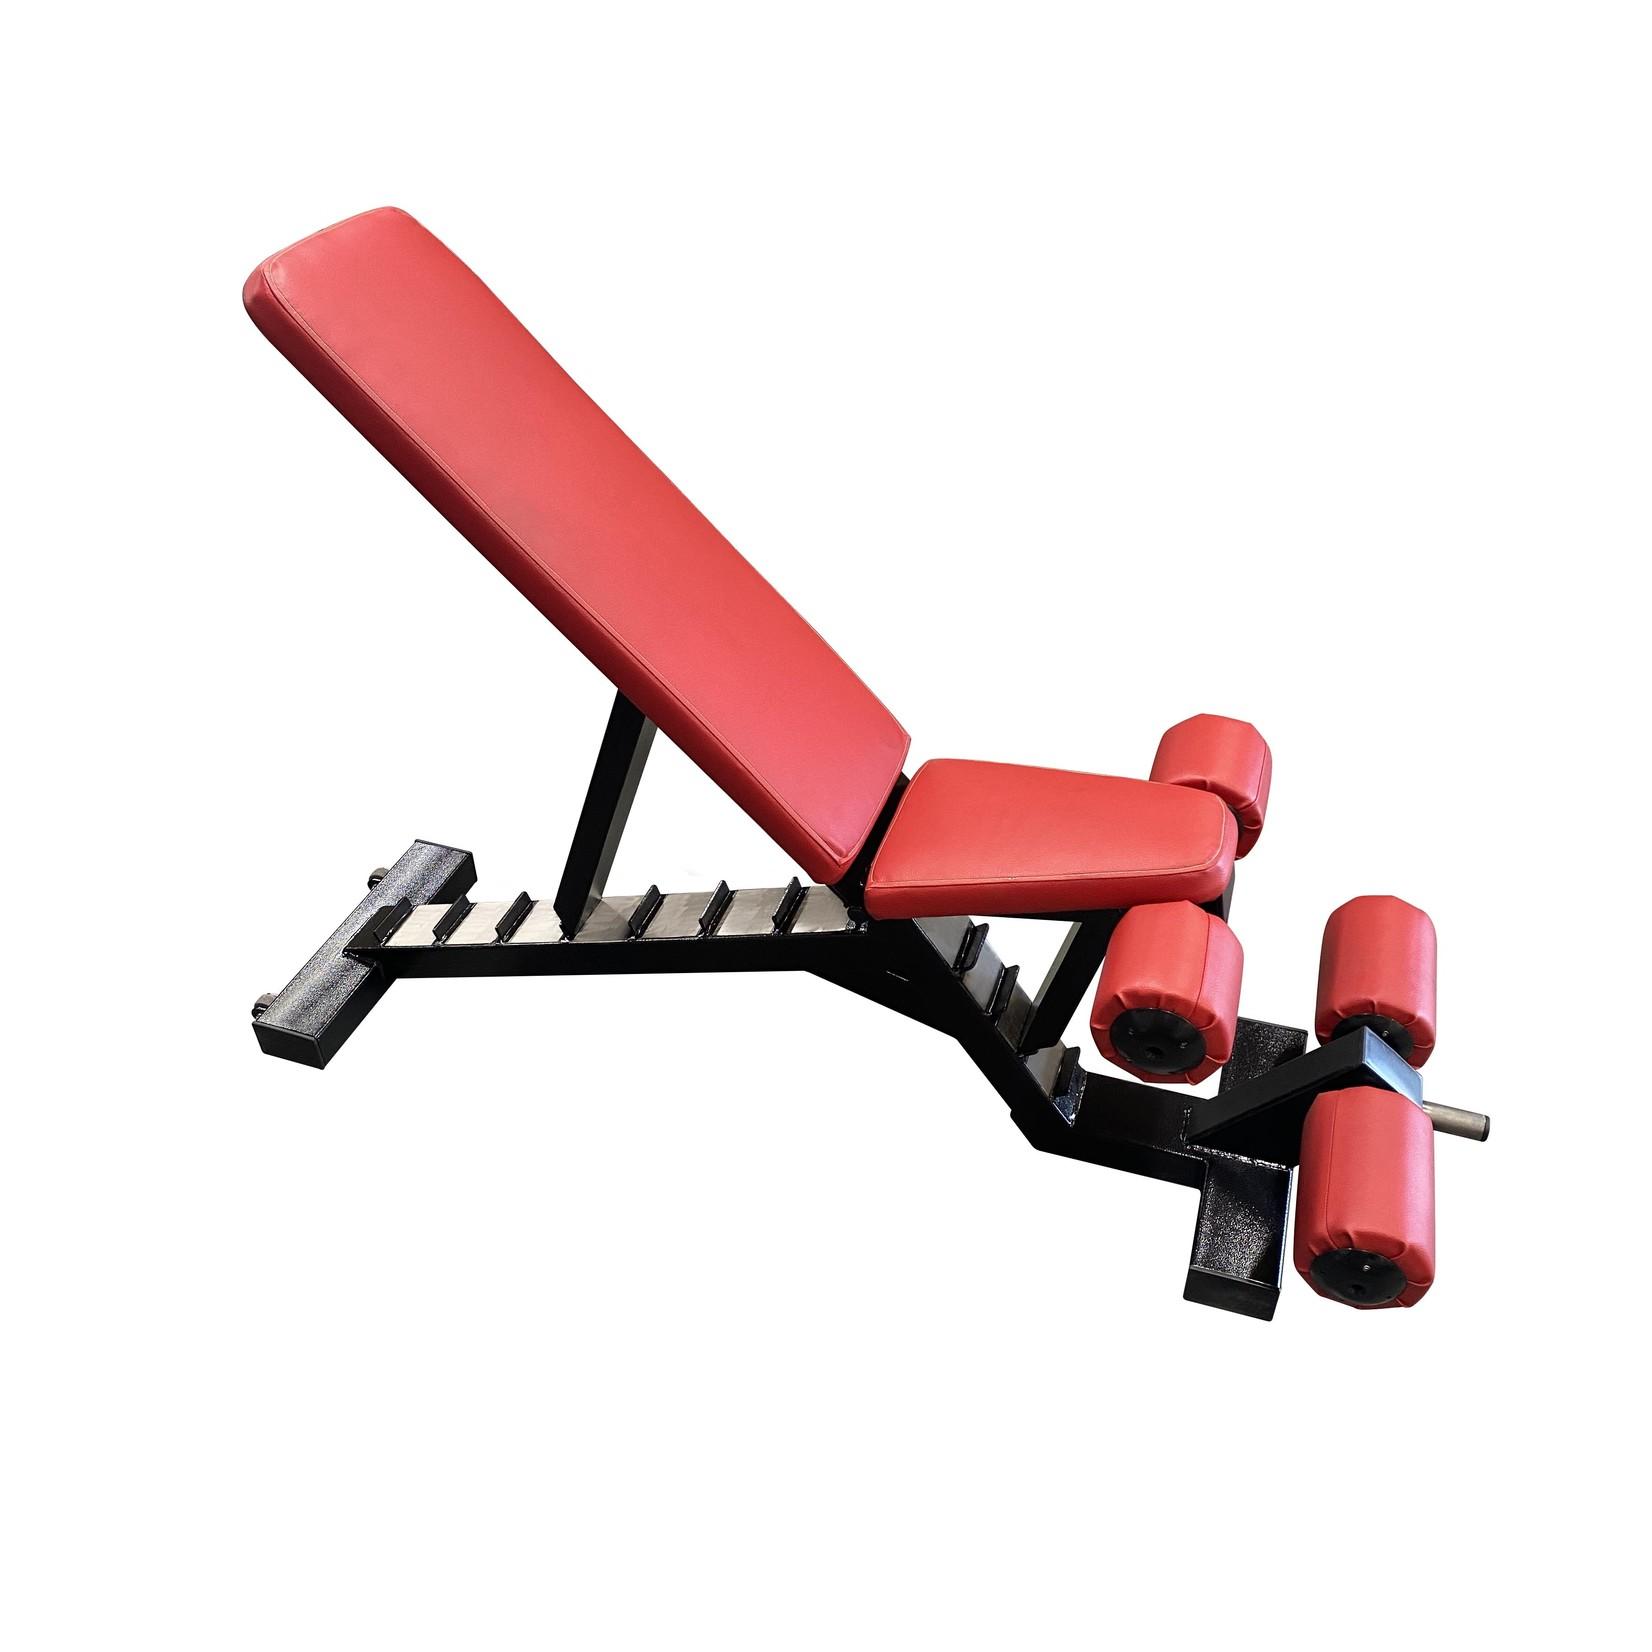 Adjustable Bench 3J